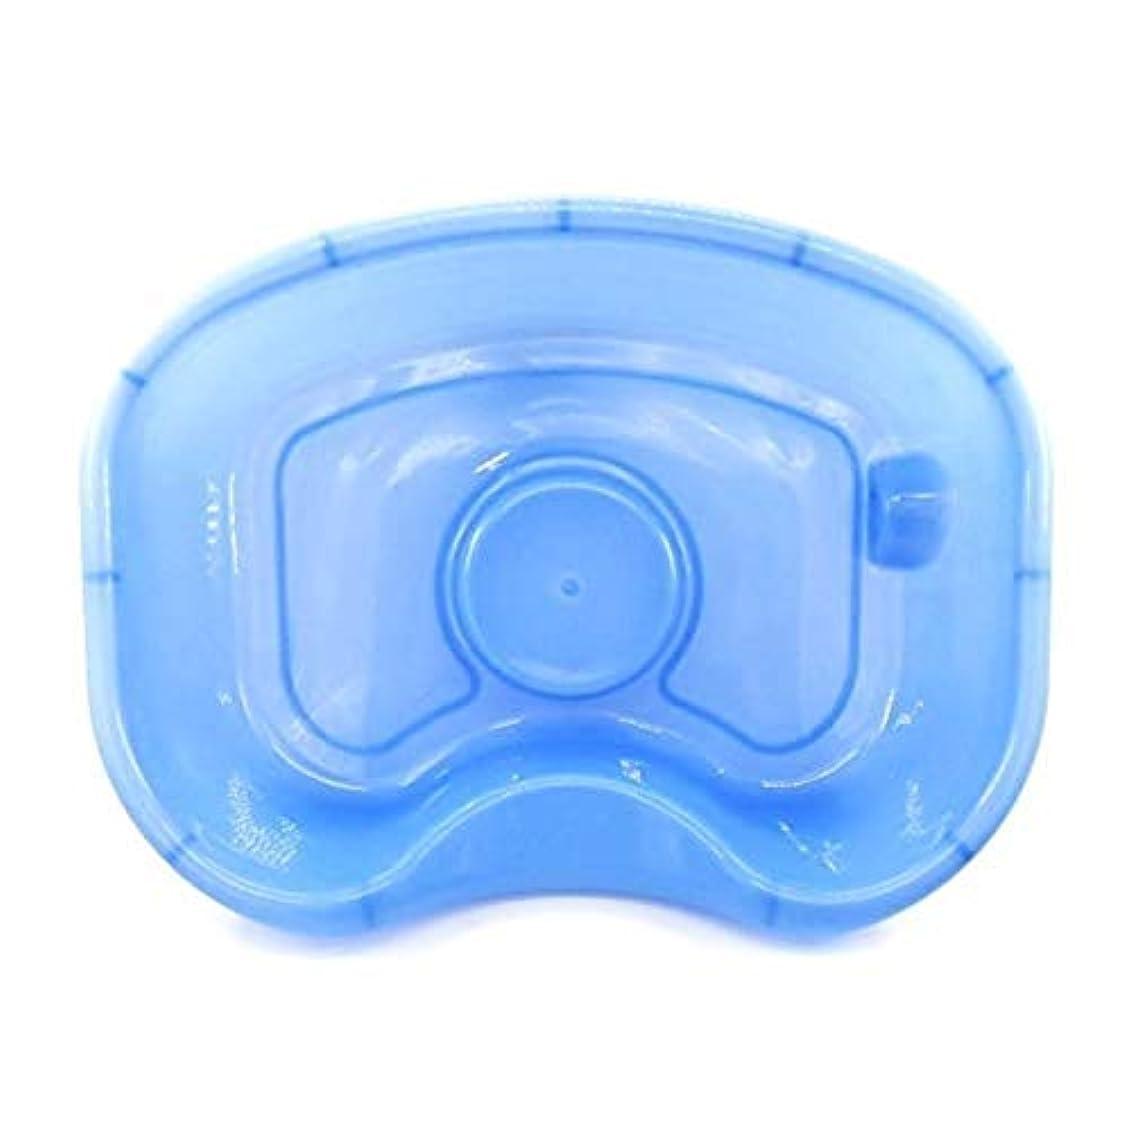 リー神経障害幸運医療患者ケアシャンプー洗面器-ポータブル医療イージーベッドシャンプープラスチック洗面器ヘアウォッシングトレイ